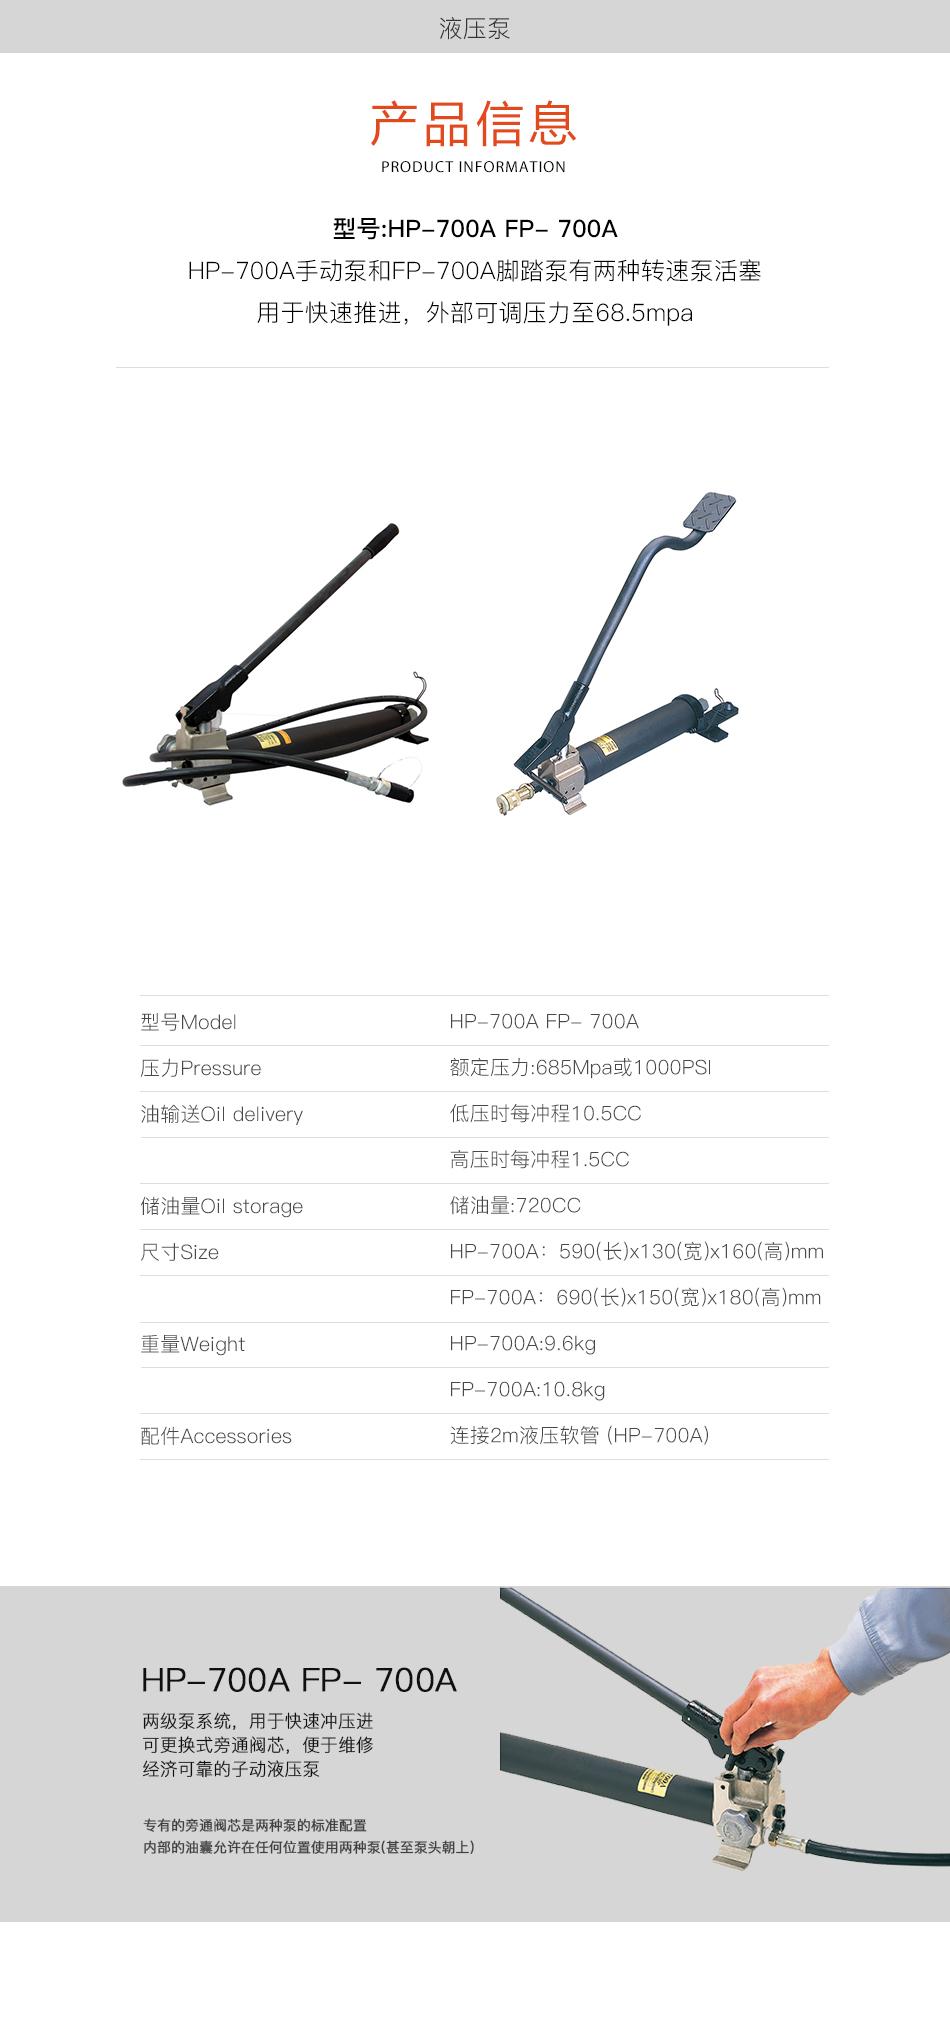 HP-700A-FP--700A.jpg